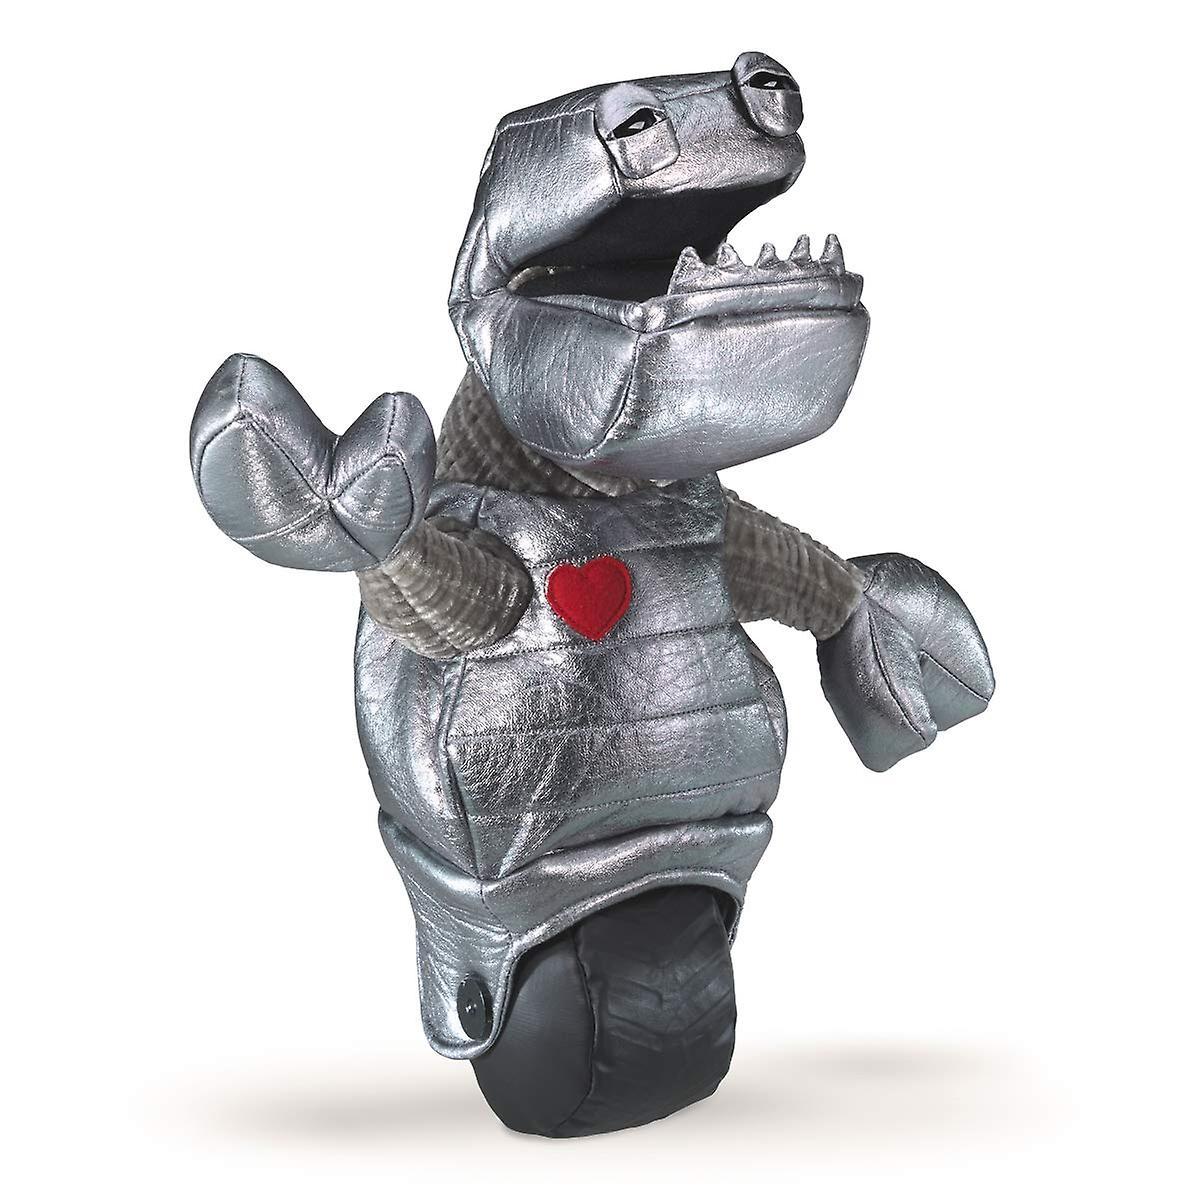 Hand Puppet - Folkhommeis - Robot nouveau Toys Soft Doll Plush 3144